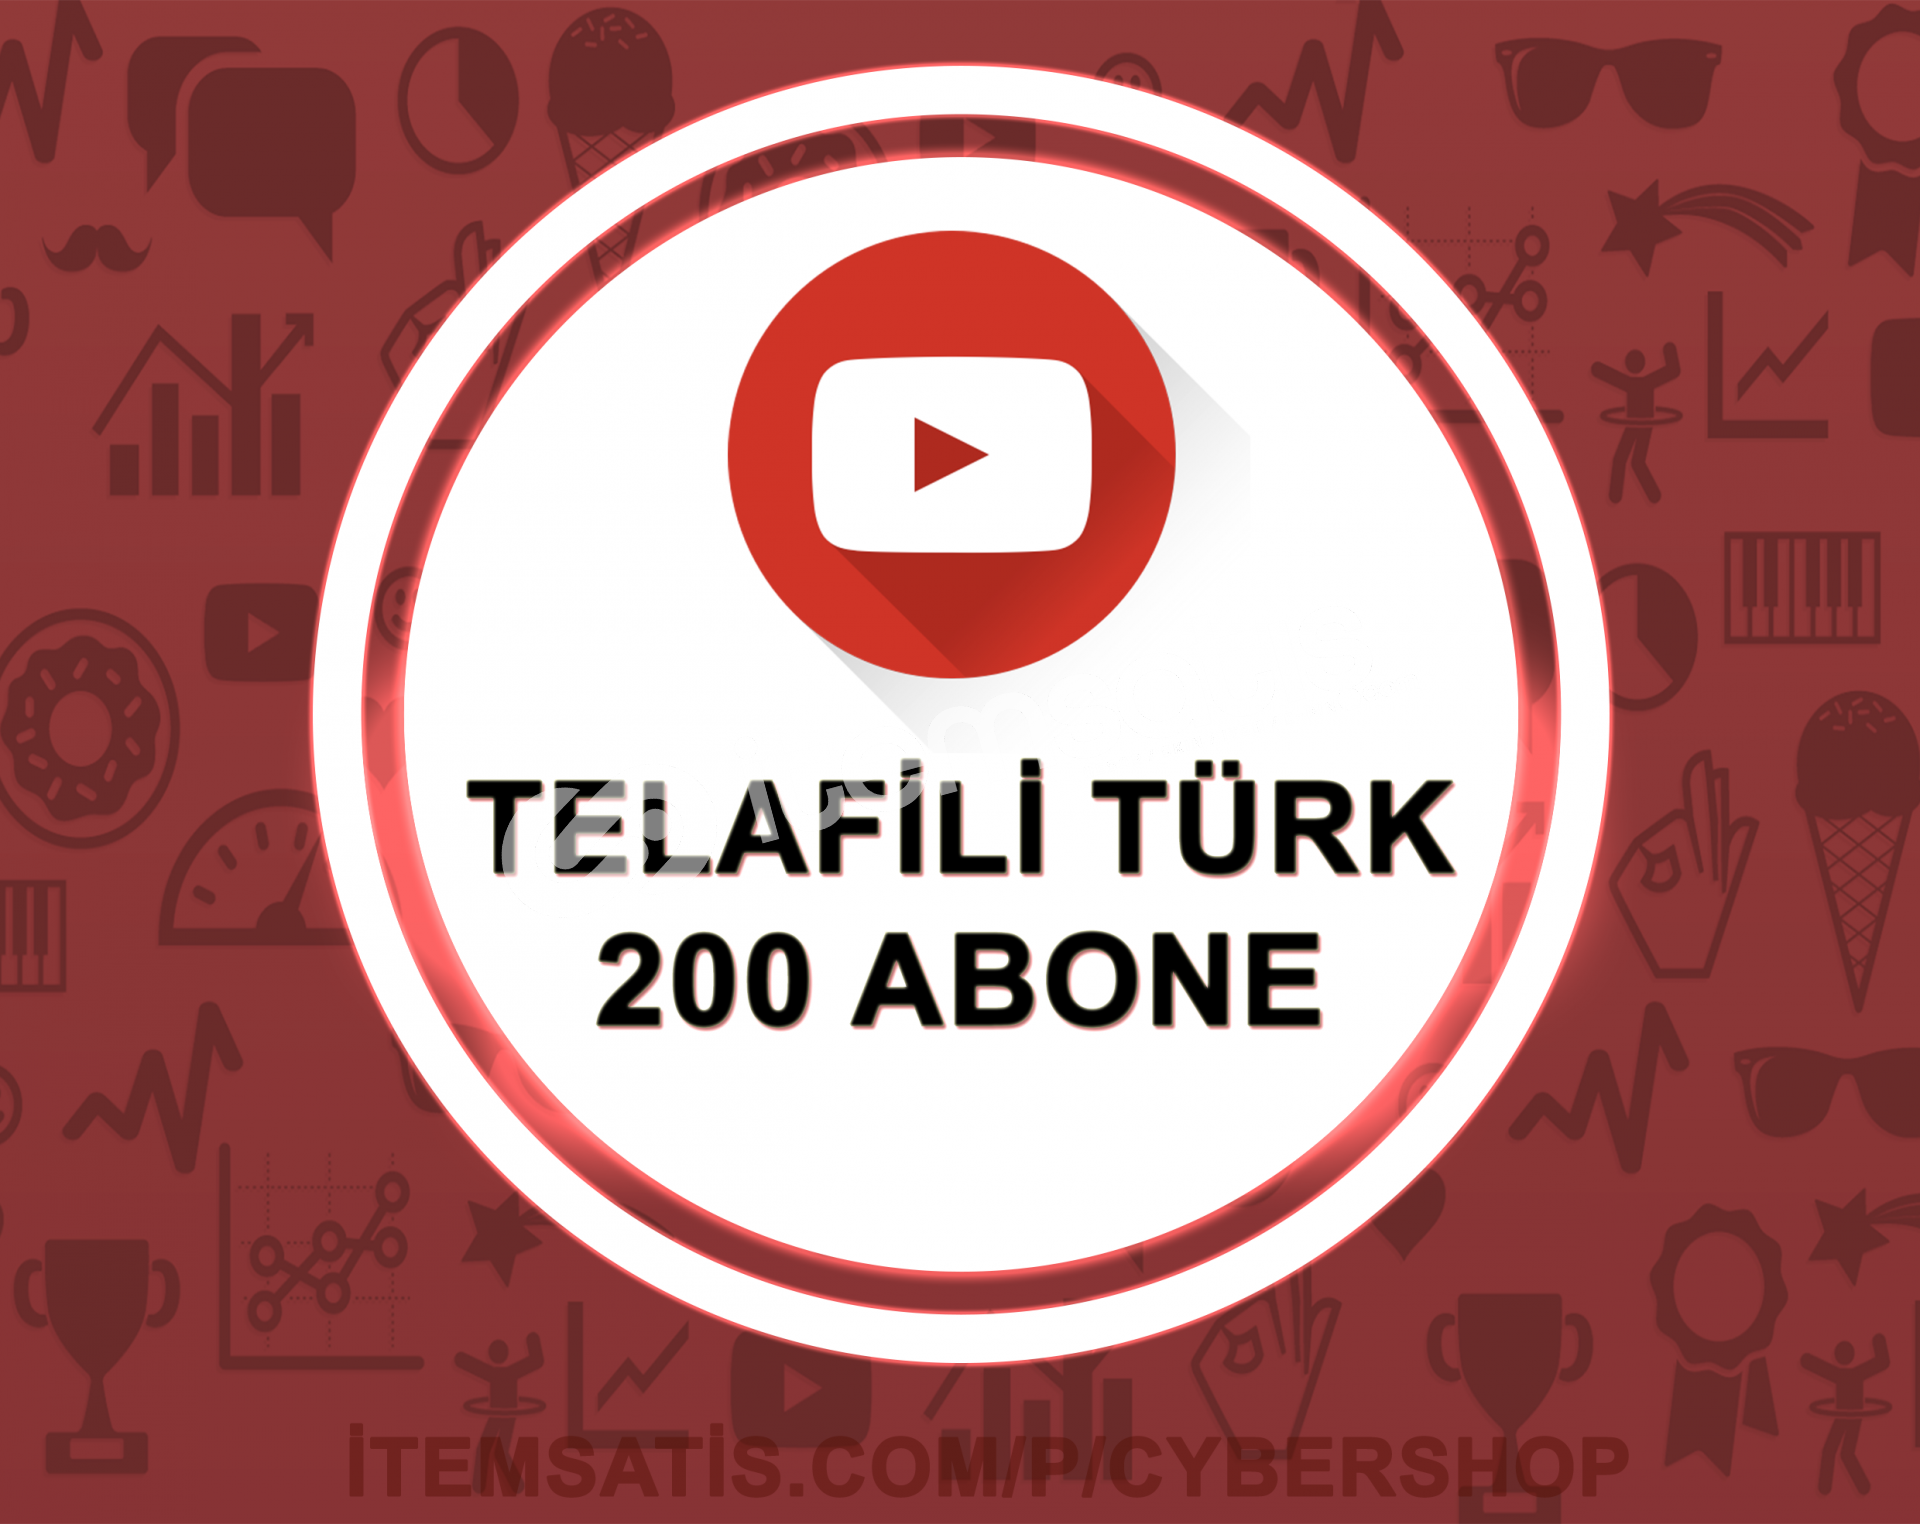 15 Gün Telafili Türk 100 Abone (Hızlı Teslimat)